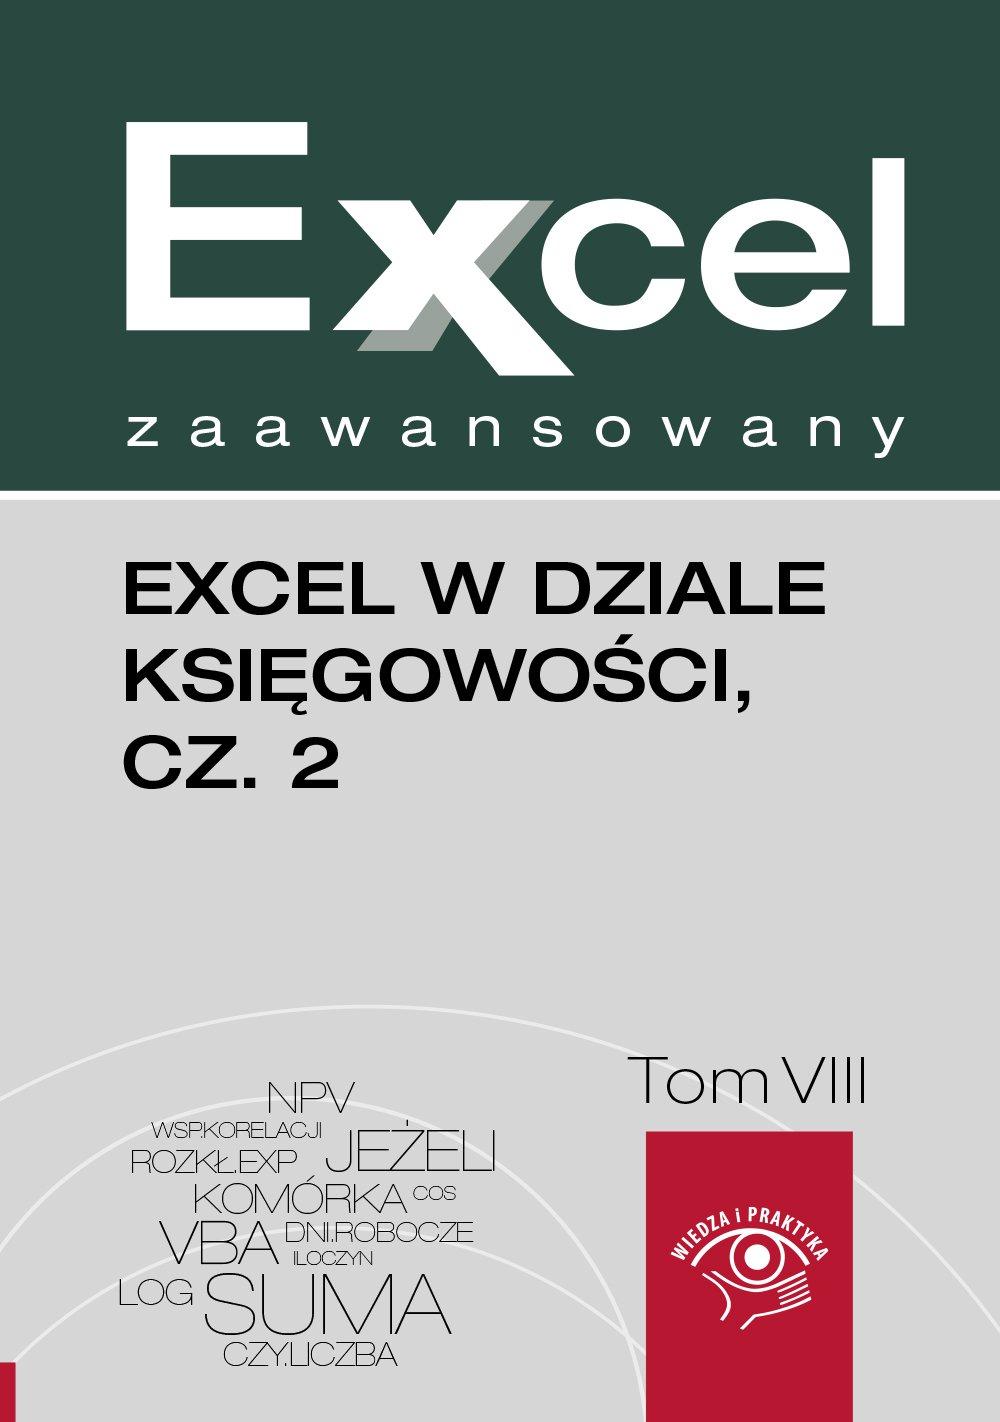 Excel w dziale księgowości. Część 2 - Ebook (Książka EPUB) do pobrania w formacie EPUB